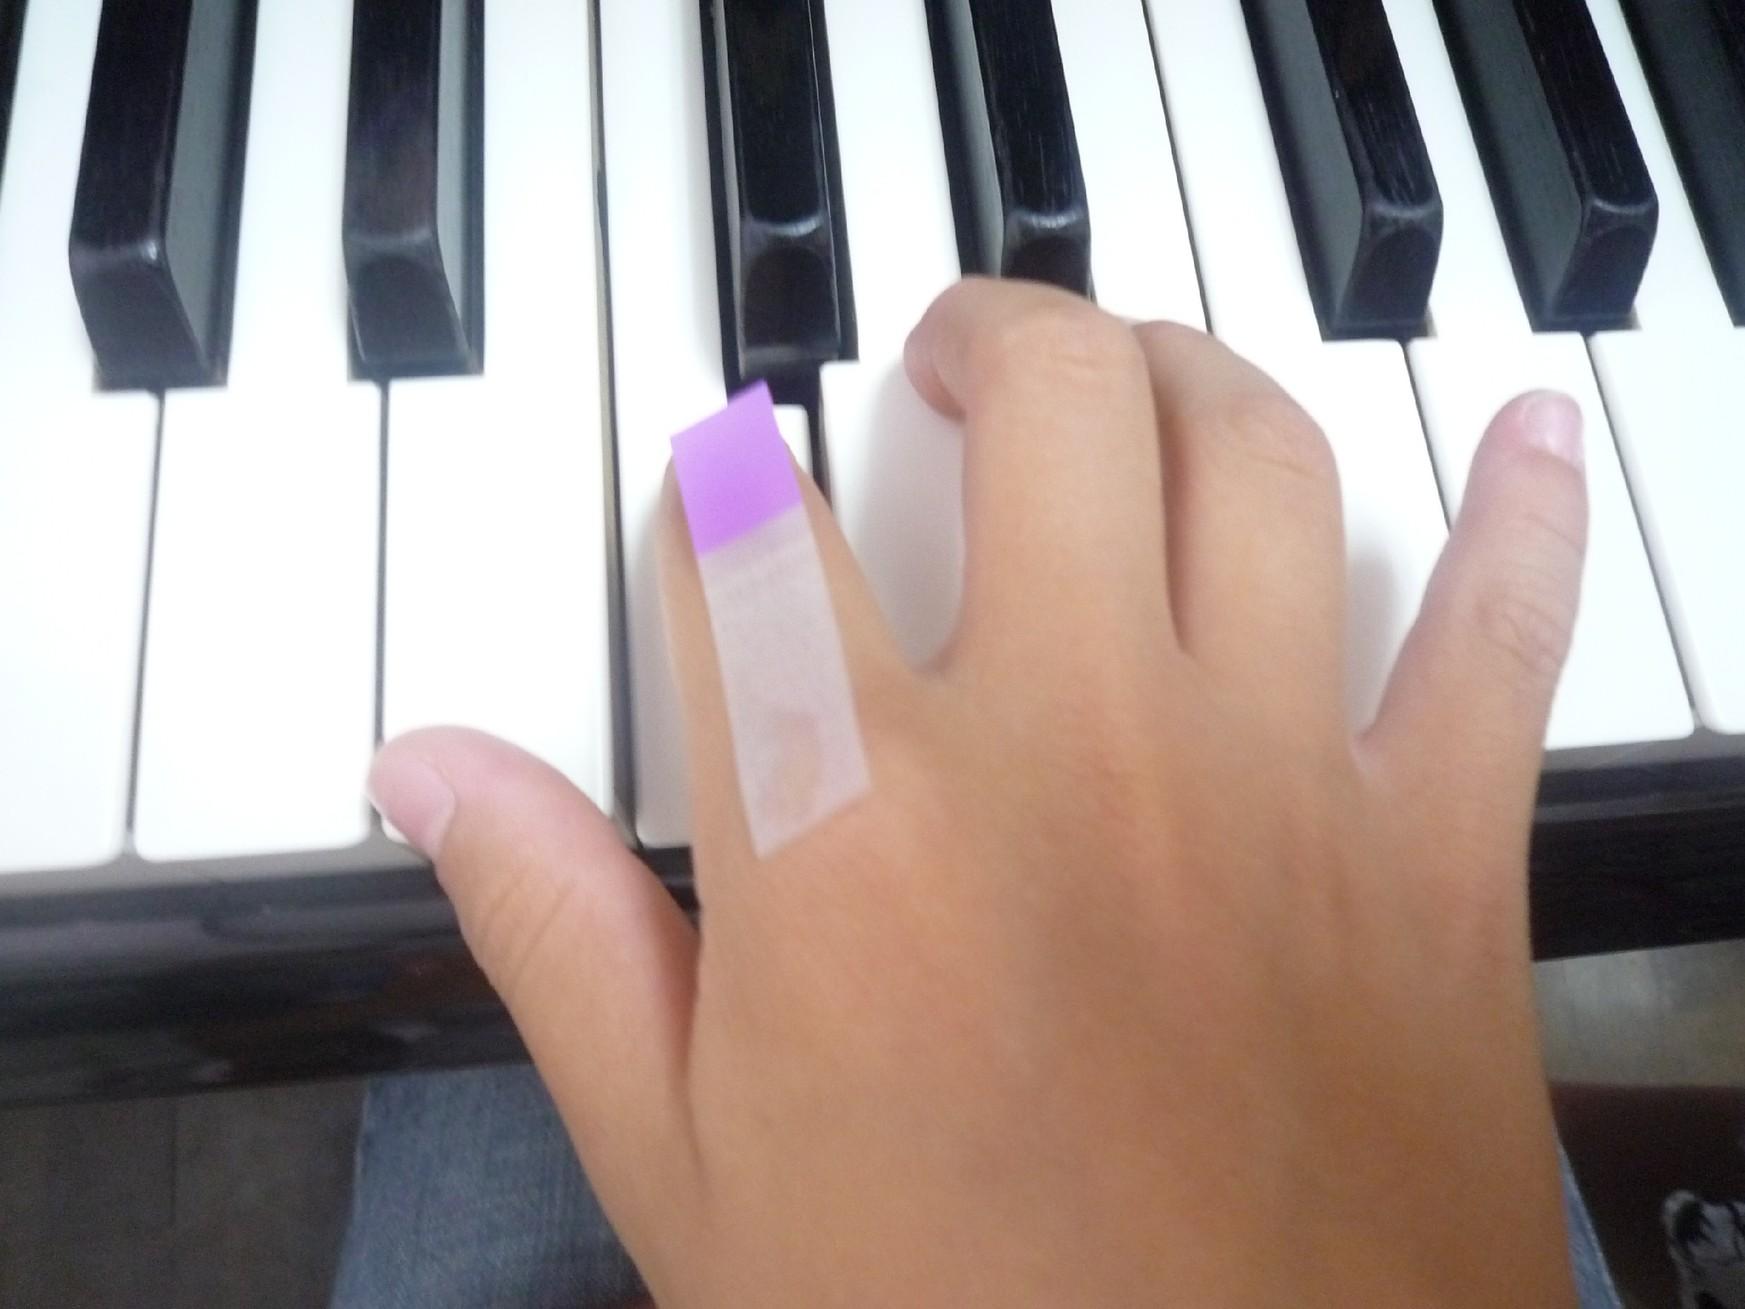 ピアノレッスン、効果的な方法・・・・・「ふせん」を貼る!_f0163730_2226970.jpg